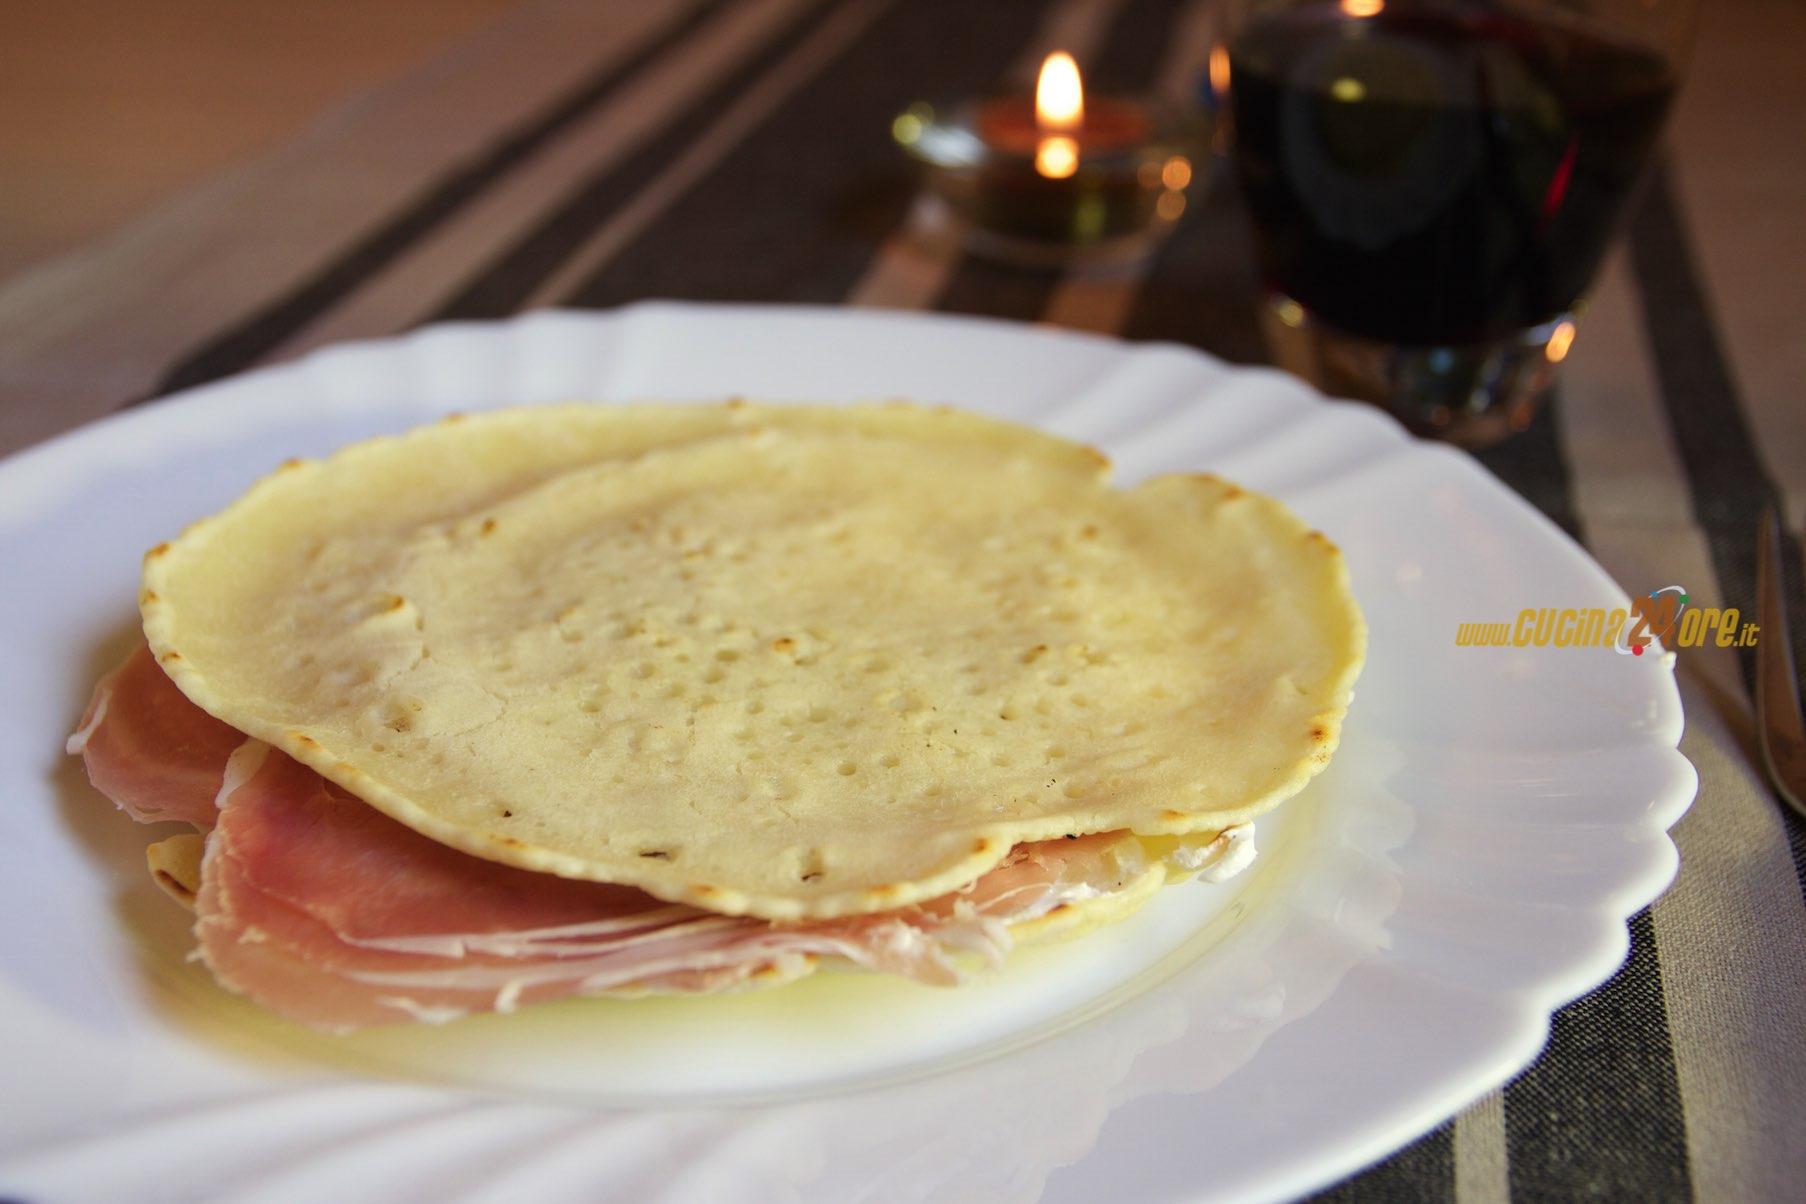 Piadina Con Farina Di Riso Senza Glutine E Nichel #946B37 1806 1204 Cucina Mediterranea Senza Glutine